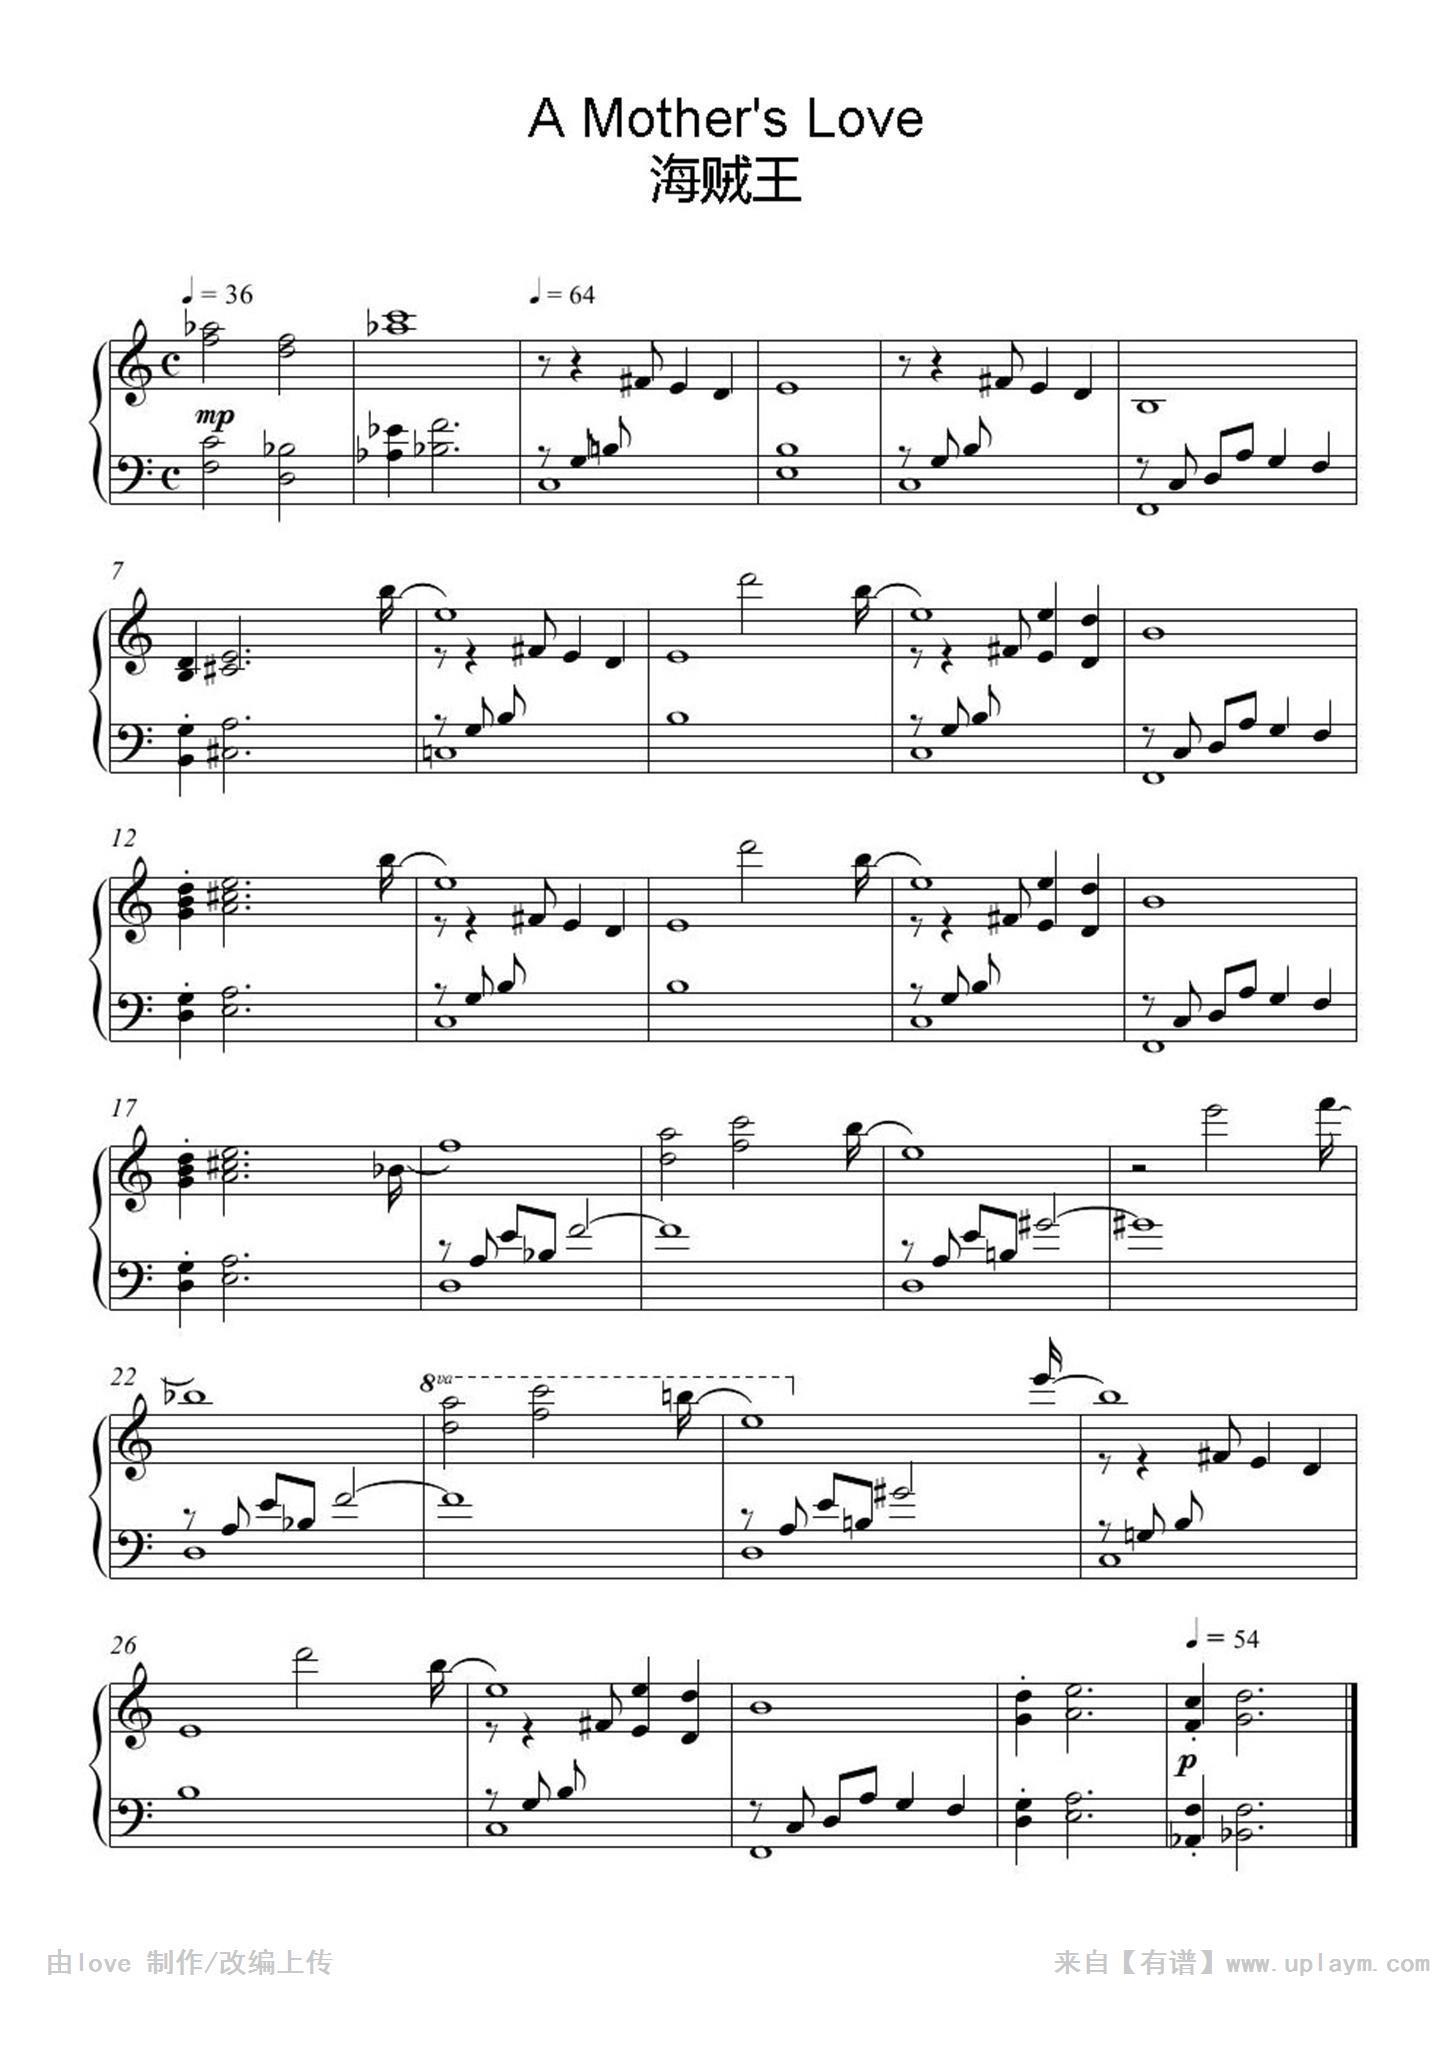 度: 3级 页       数: 1 描       述: 《海贼王》著名插曲,钢琴